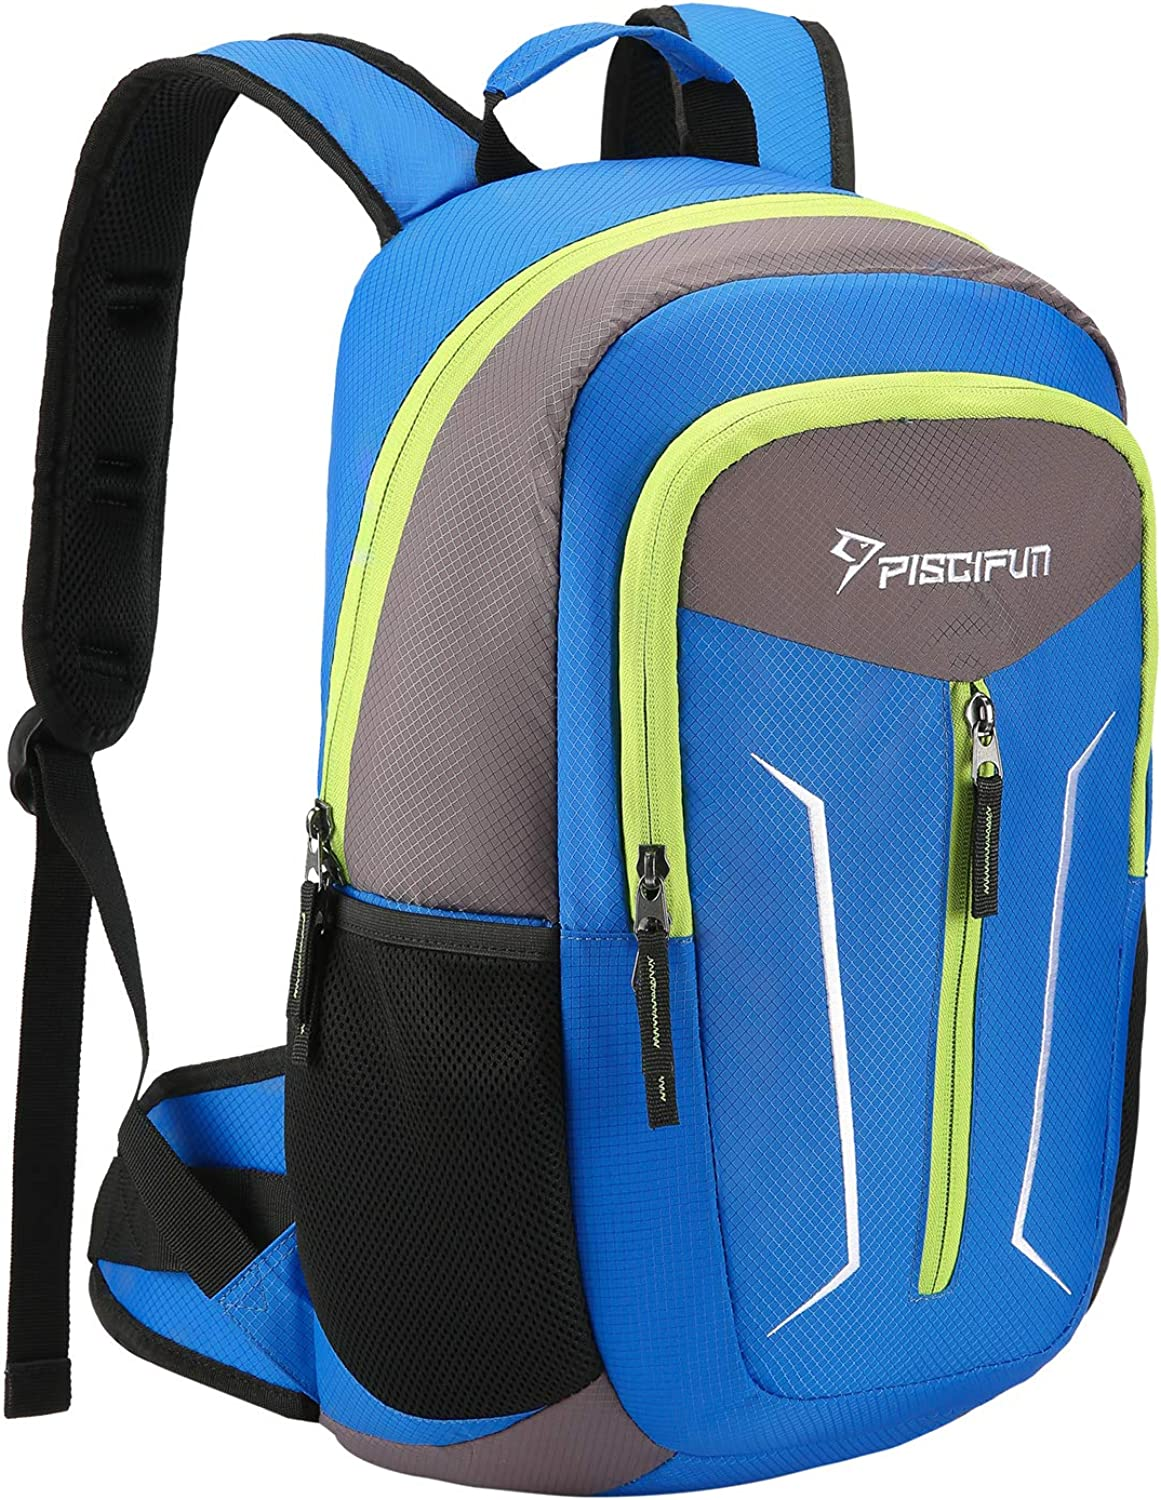 Piscifun Cooler Backpack